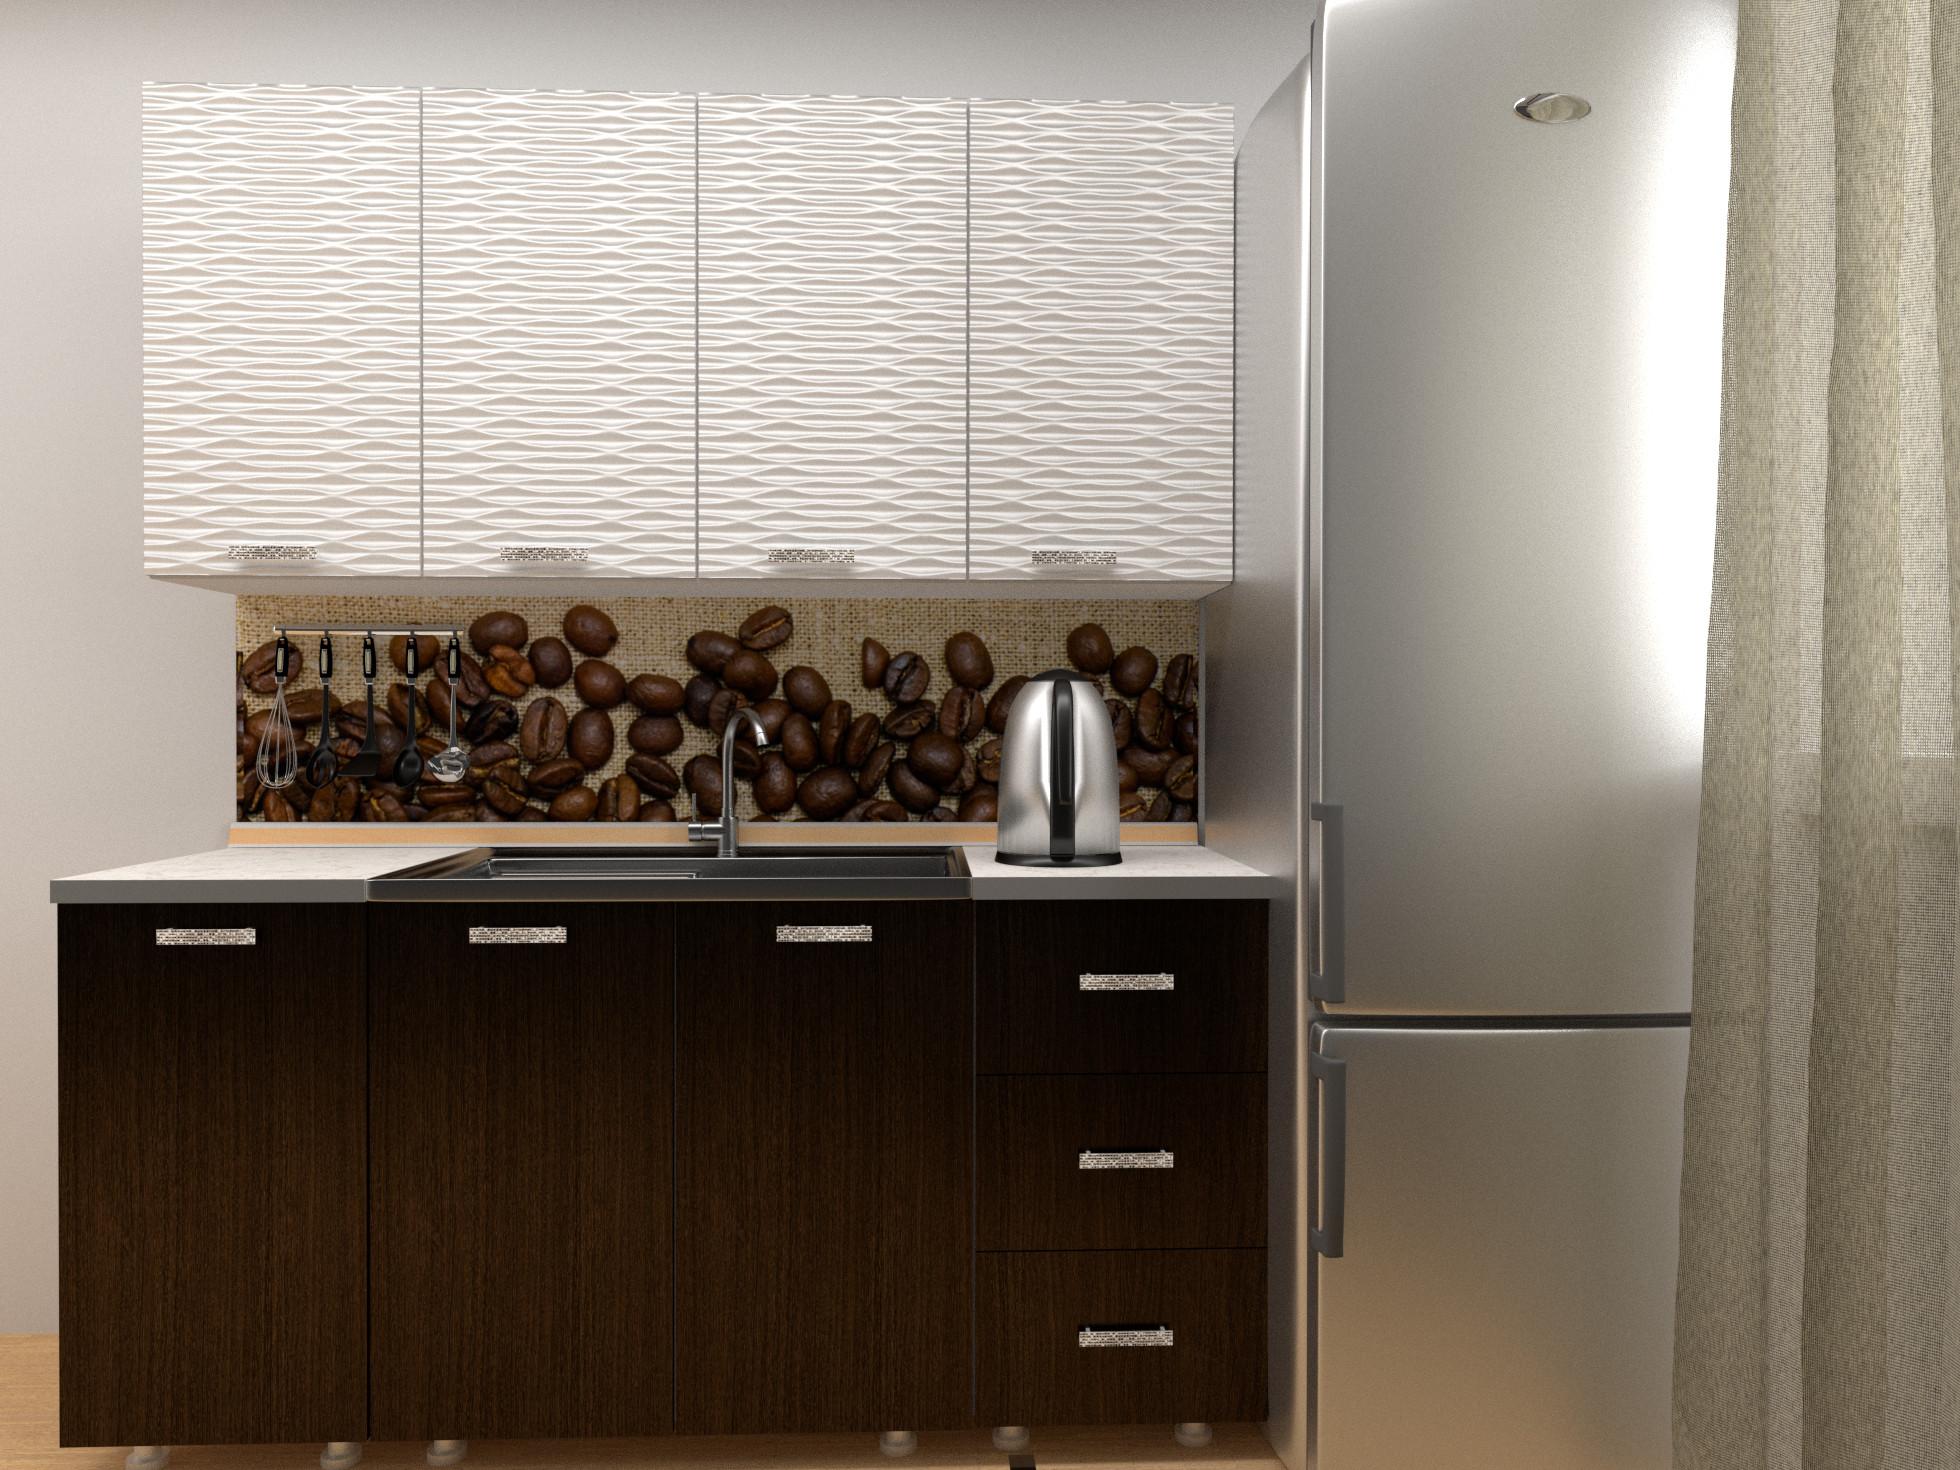 Кухонный гарнитур Ставропольмебель Селена-59 Ясень белый Соты/Венге темный с мойкой